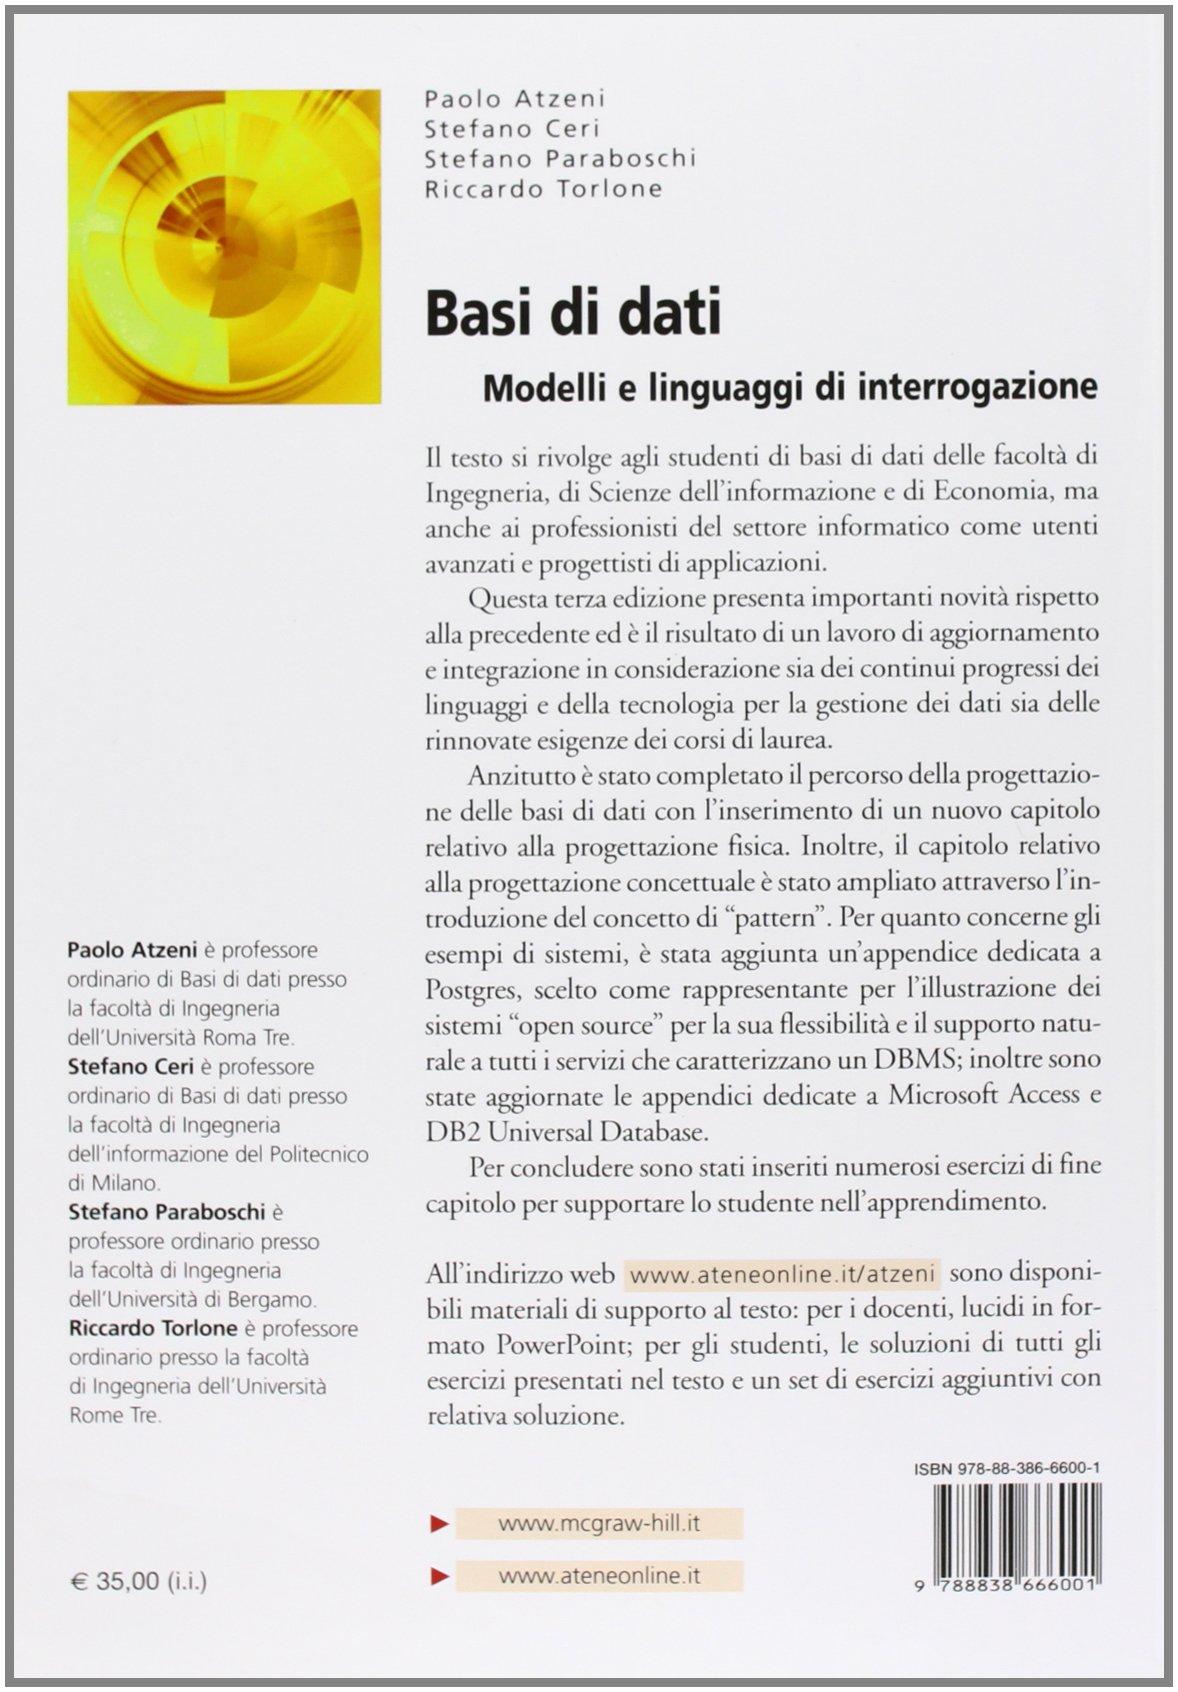 Dati e linguaggi basi interrogazione di modelli pdf di